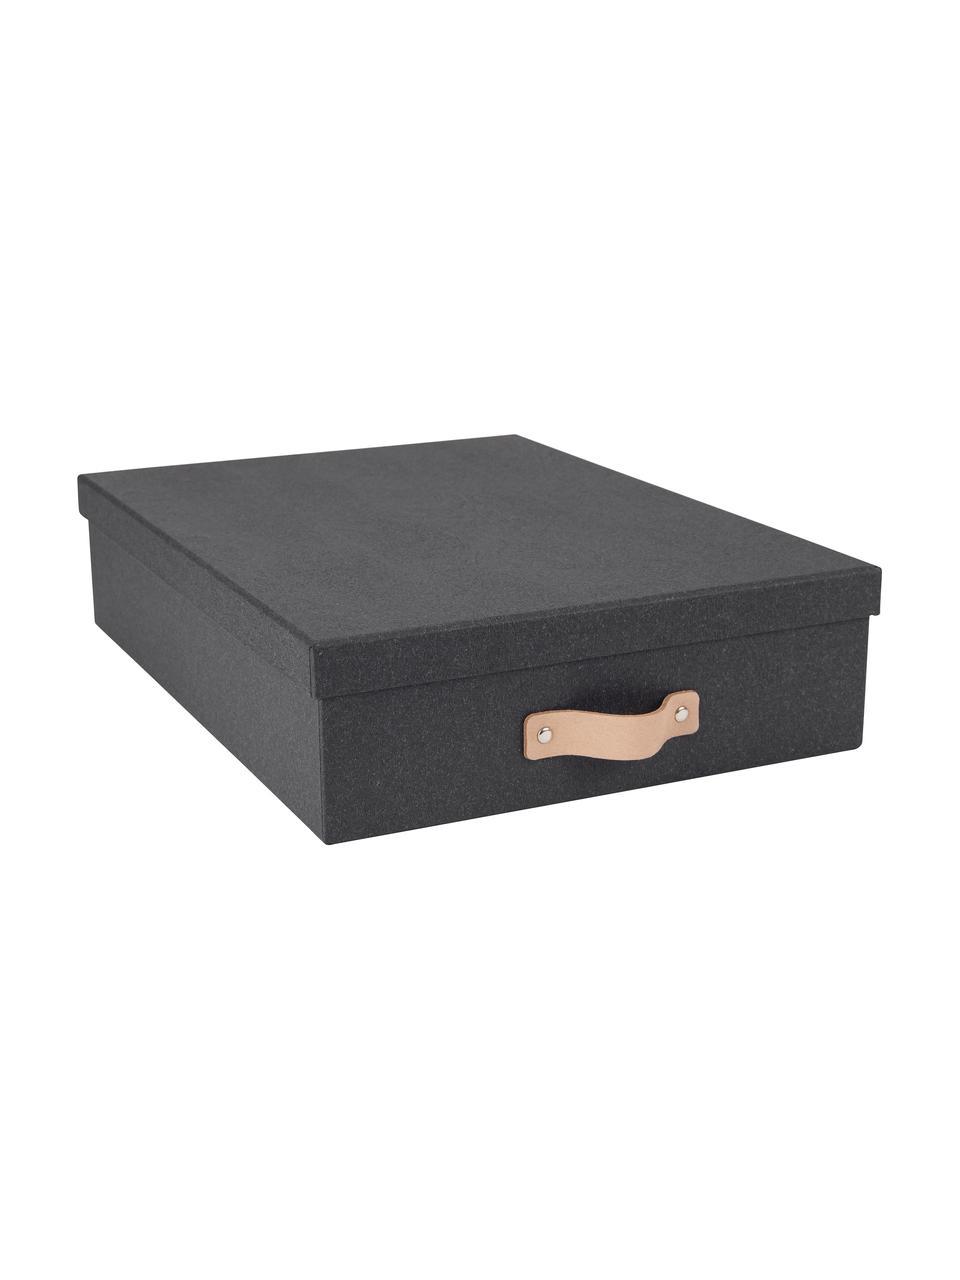 Boîte de rangement Oskar II, Extérieur boîte: noir. Intérieur boîte: noir. Poignée: beige